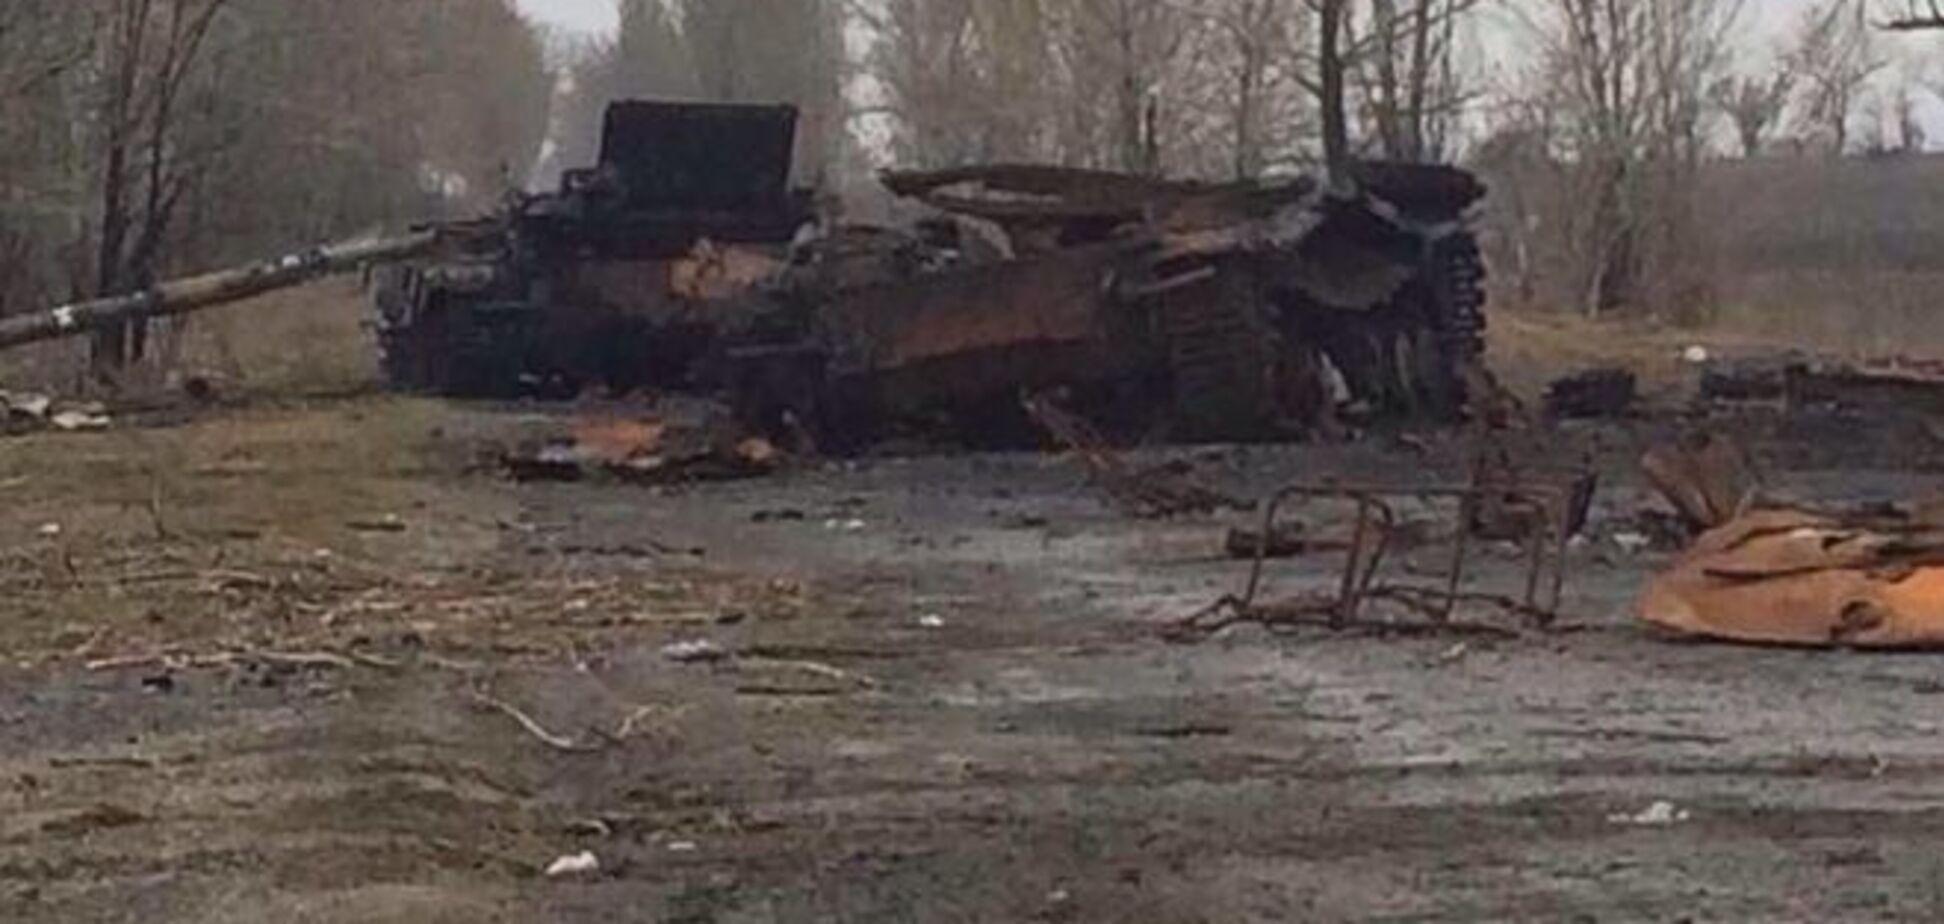 Партизаны 'Тени' взорвали два российских танка с экипажами: фотофакт